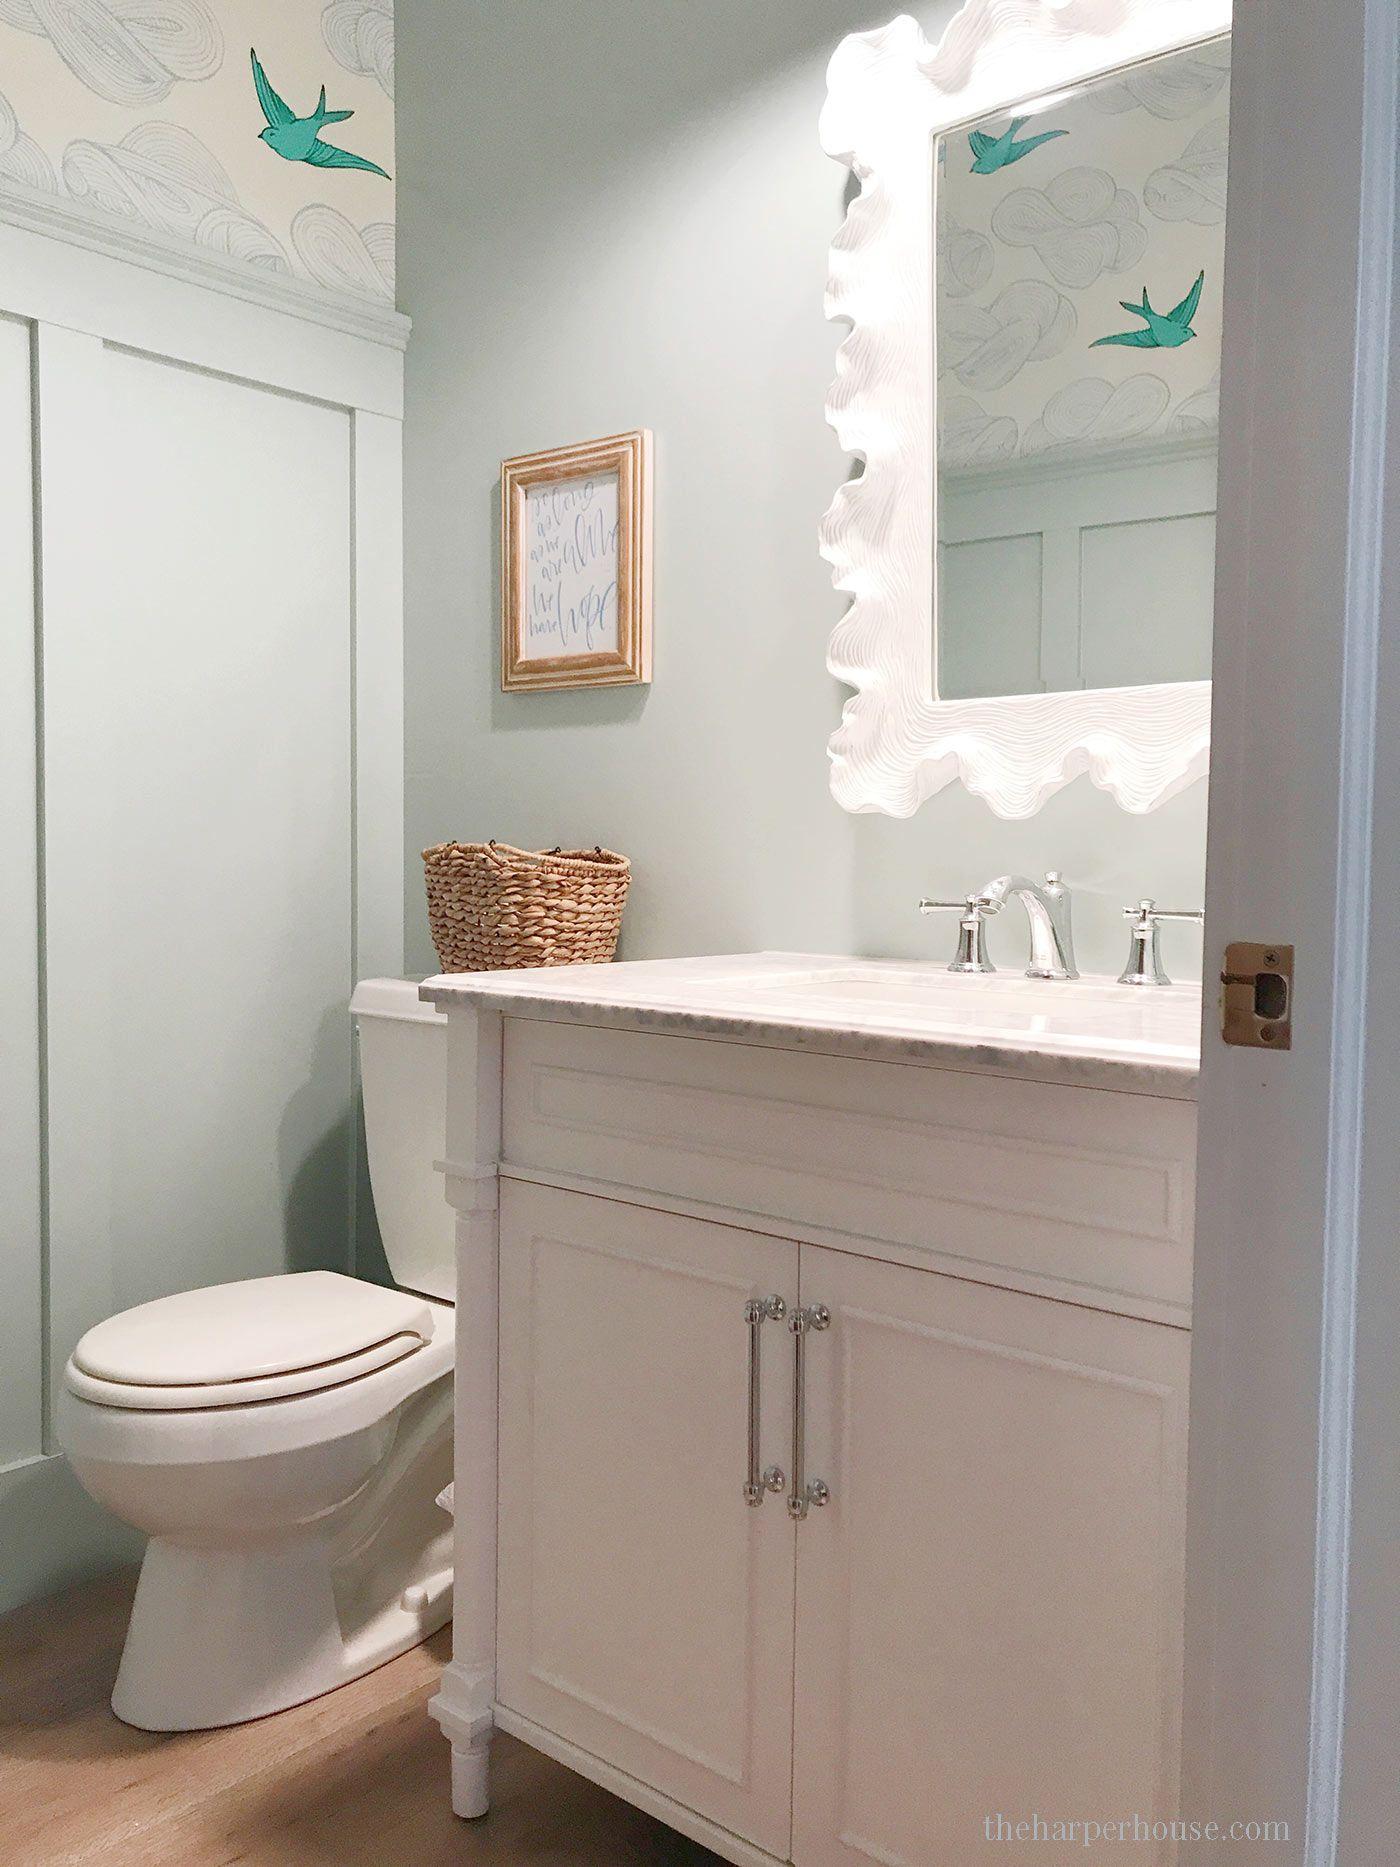 The Ultimate Guide To Buying A Bathroom Vanity With Images Diy Bathroom Design Best Bathroom Vanities Trendy Bathroom